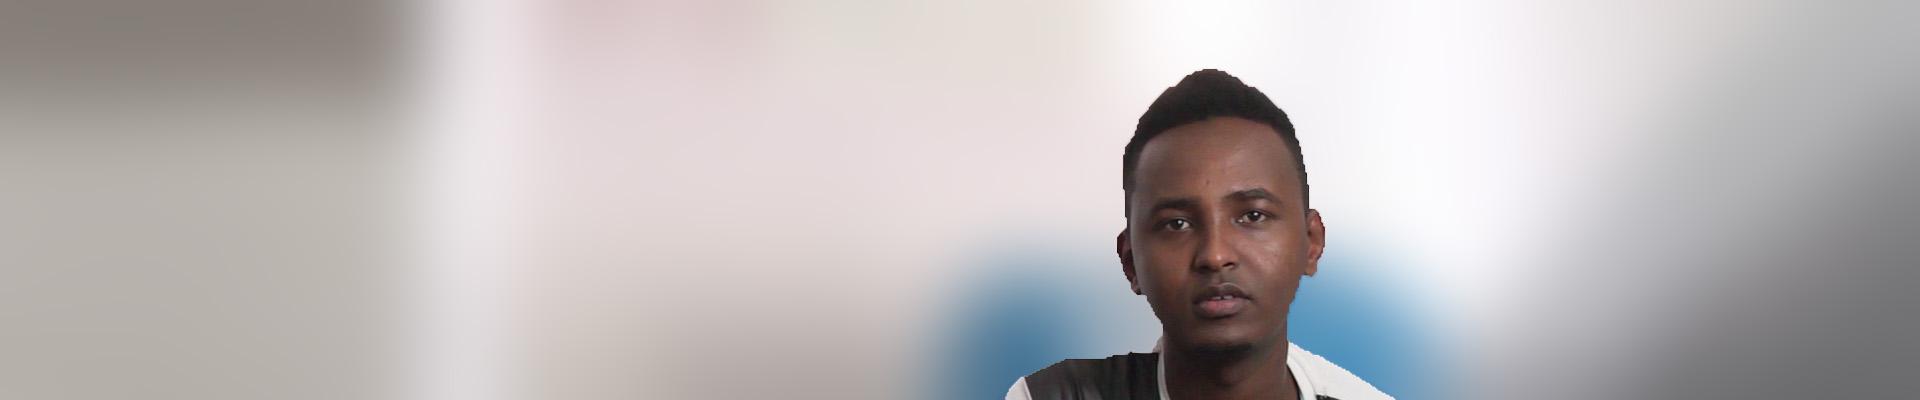 Kulmiye berichtet, warum er aus Somalia flüchten musste und was er auf seiner gefährlichen Reise erlebte.